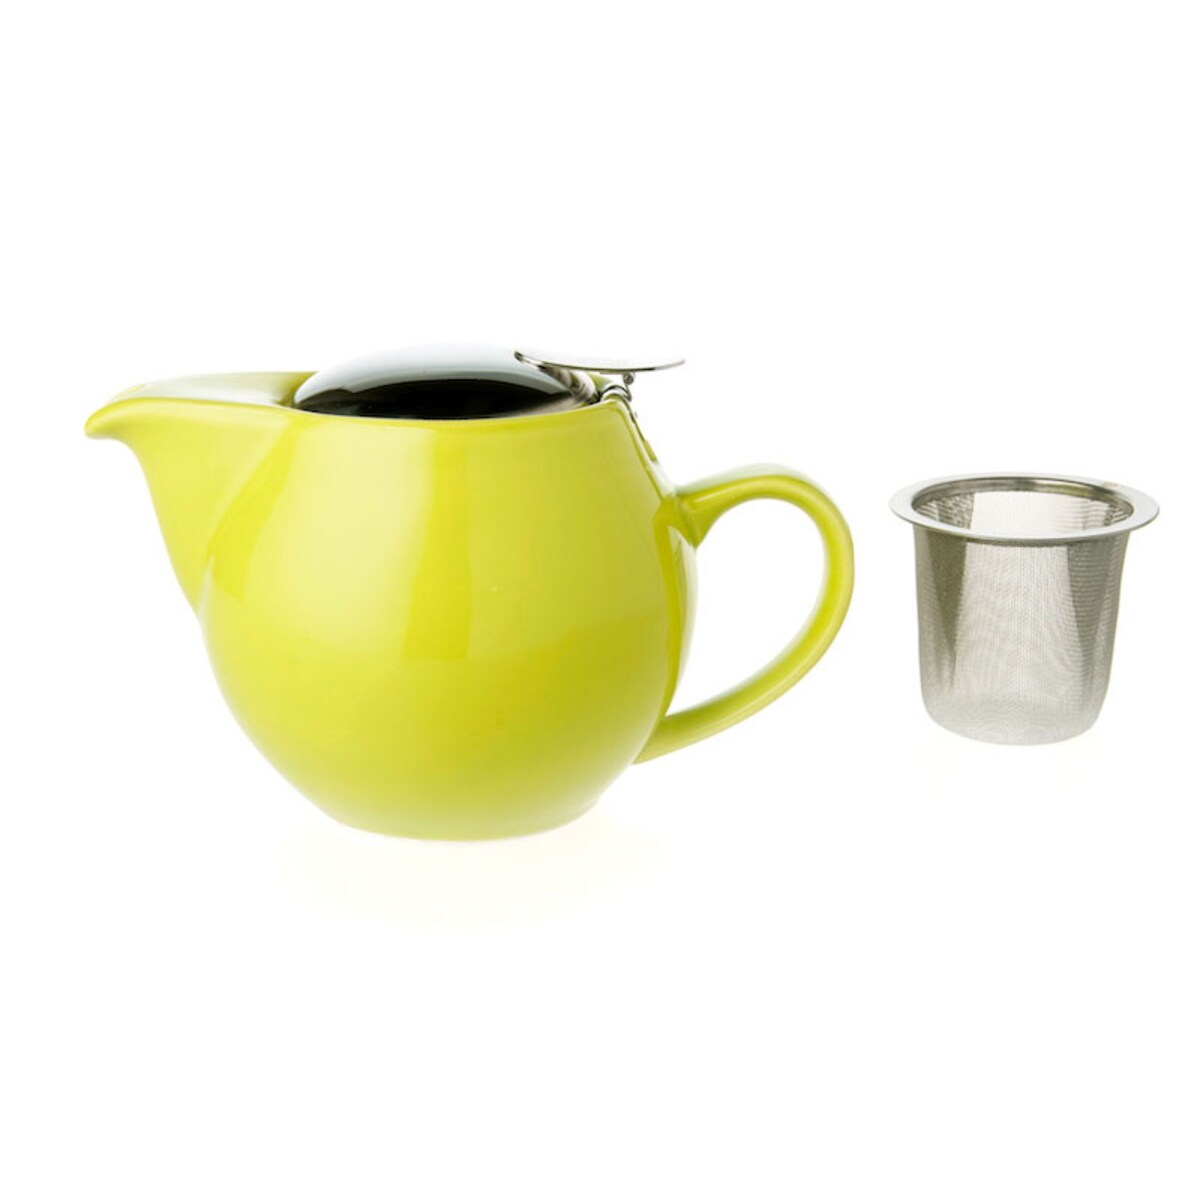 Чайник ZAARA Лайм